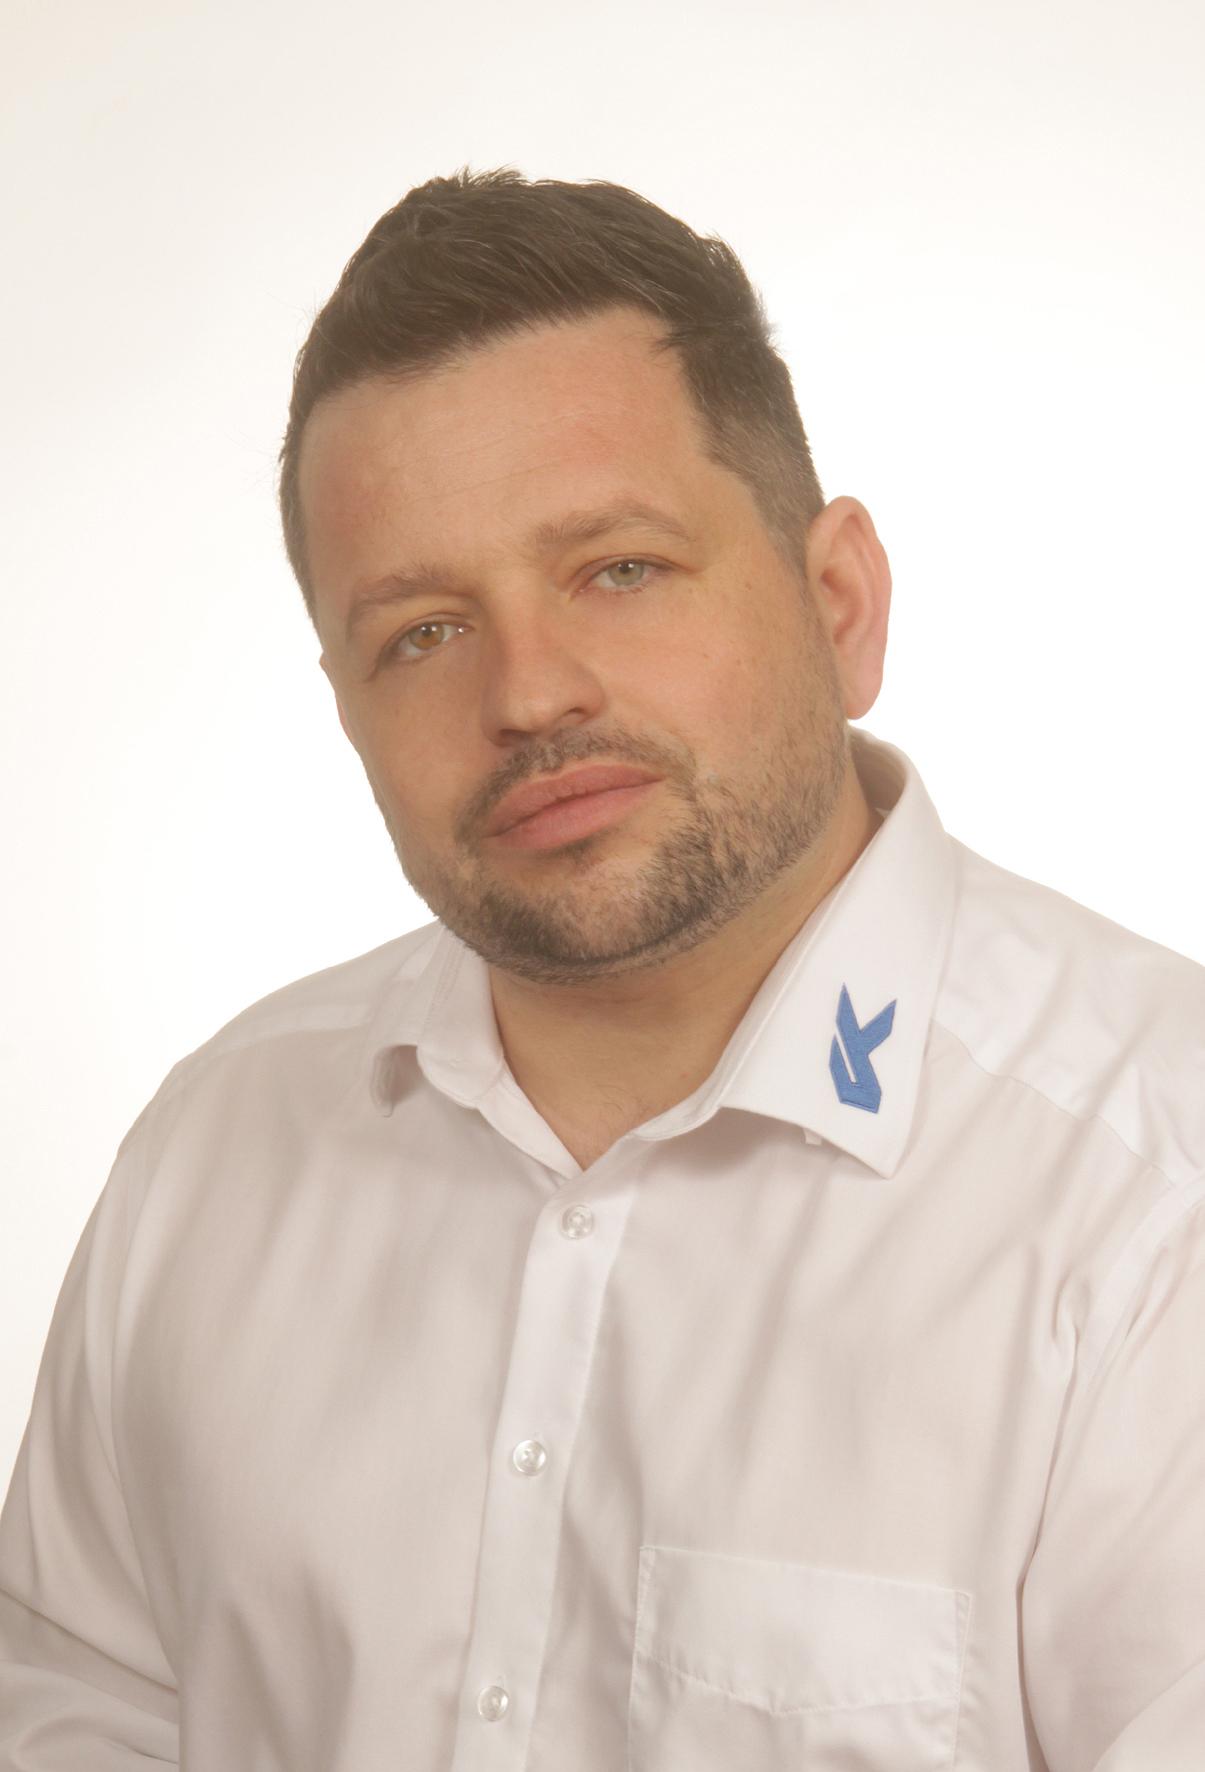 Tim Töpfer